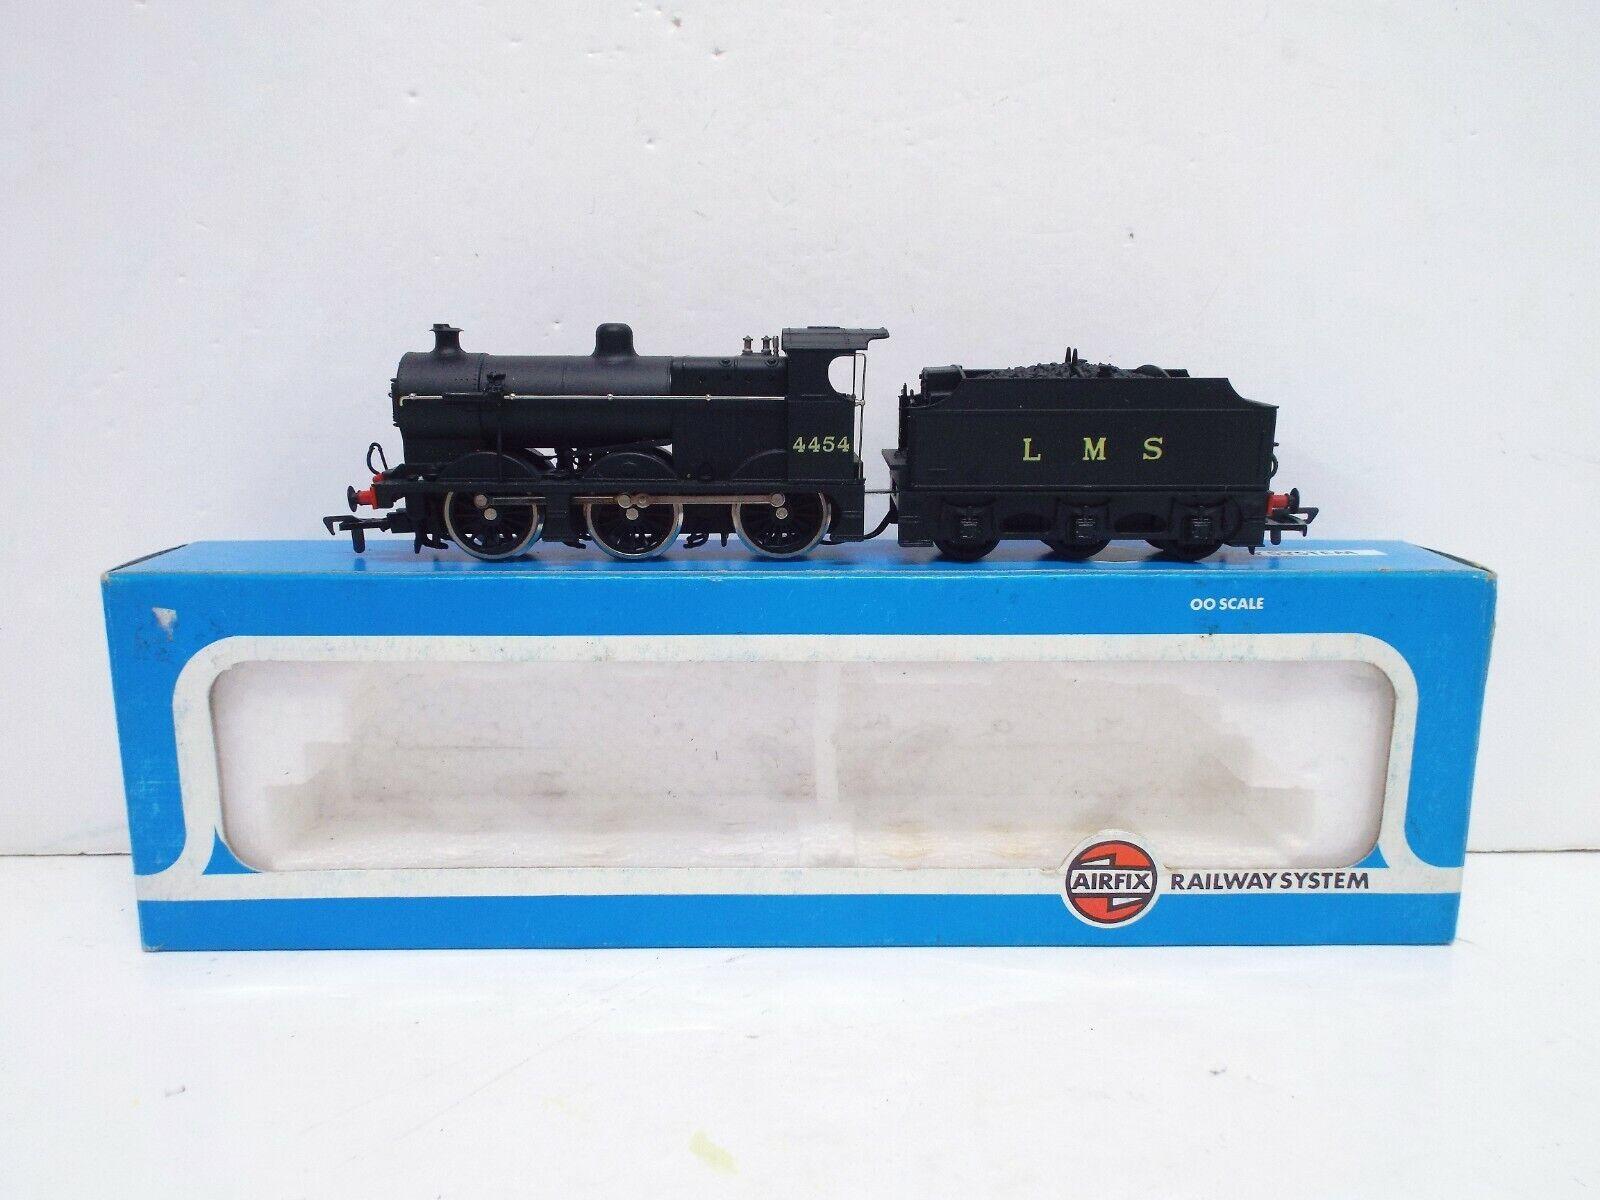 bajo precio AIRFIX 54122 4F FOWLER L.M.S. LIVERY 4454 MINT NEW NEW NEW BOXED (OO981)  entrega rápida